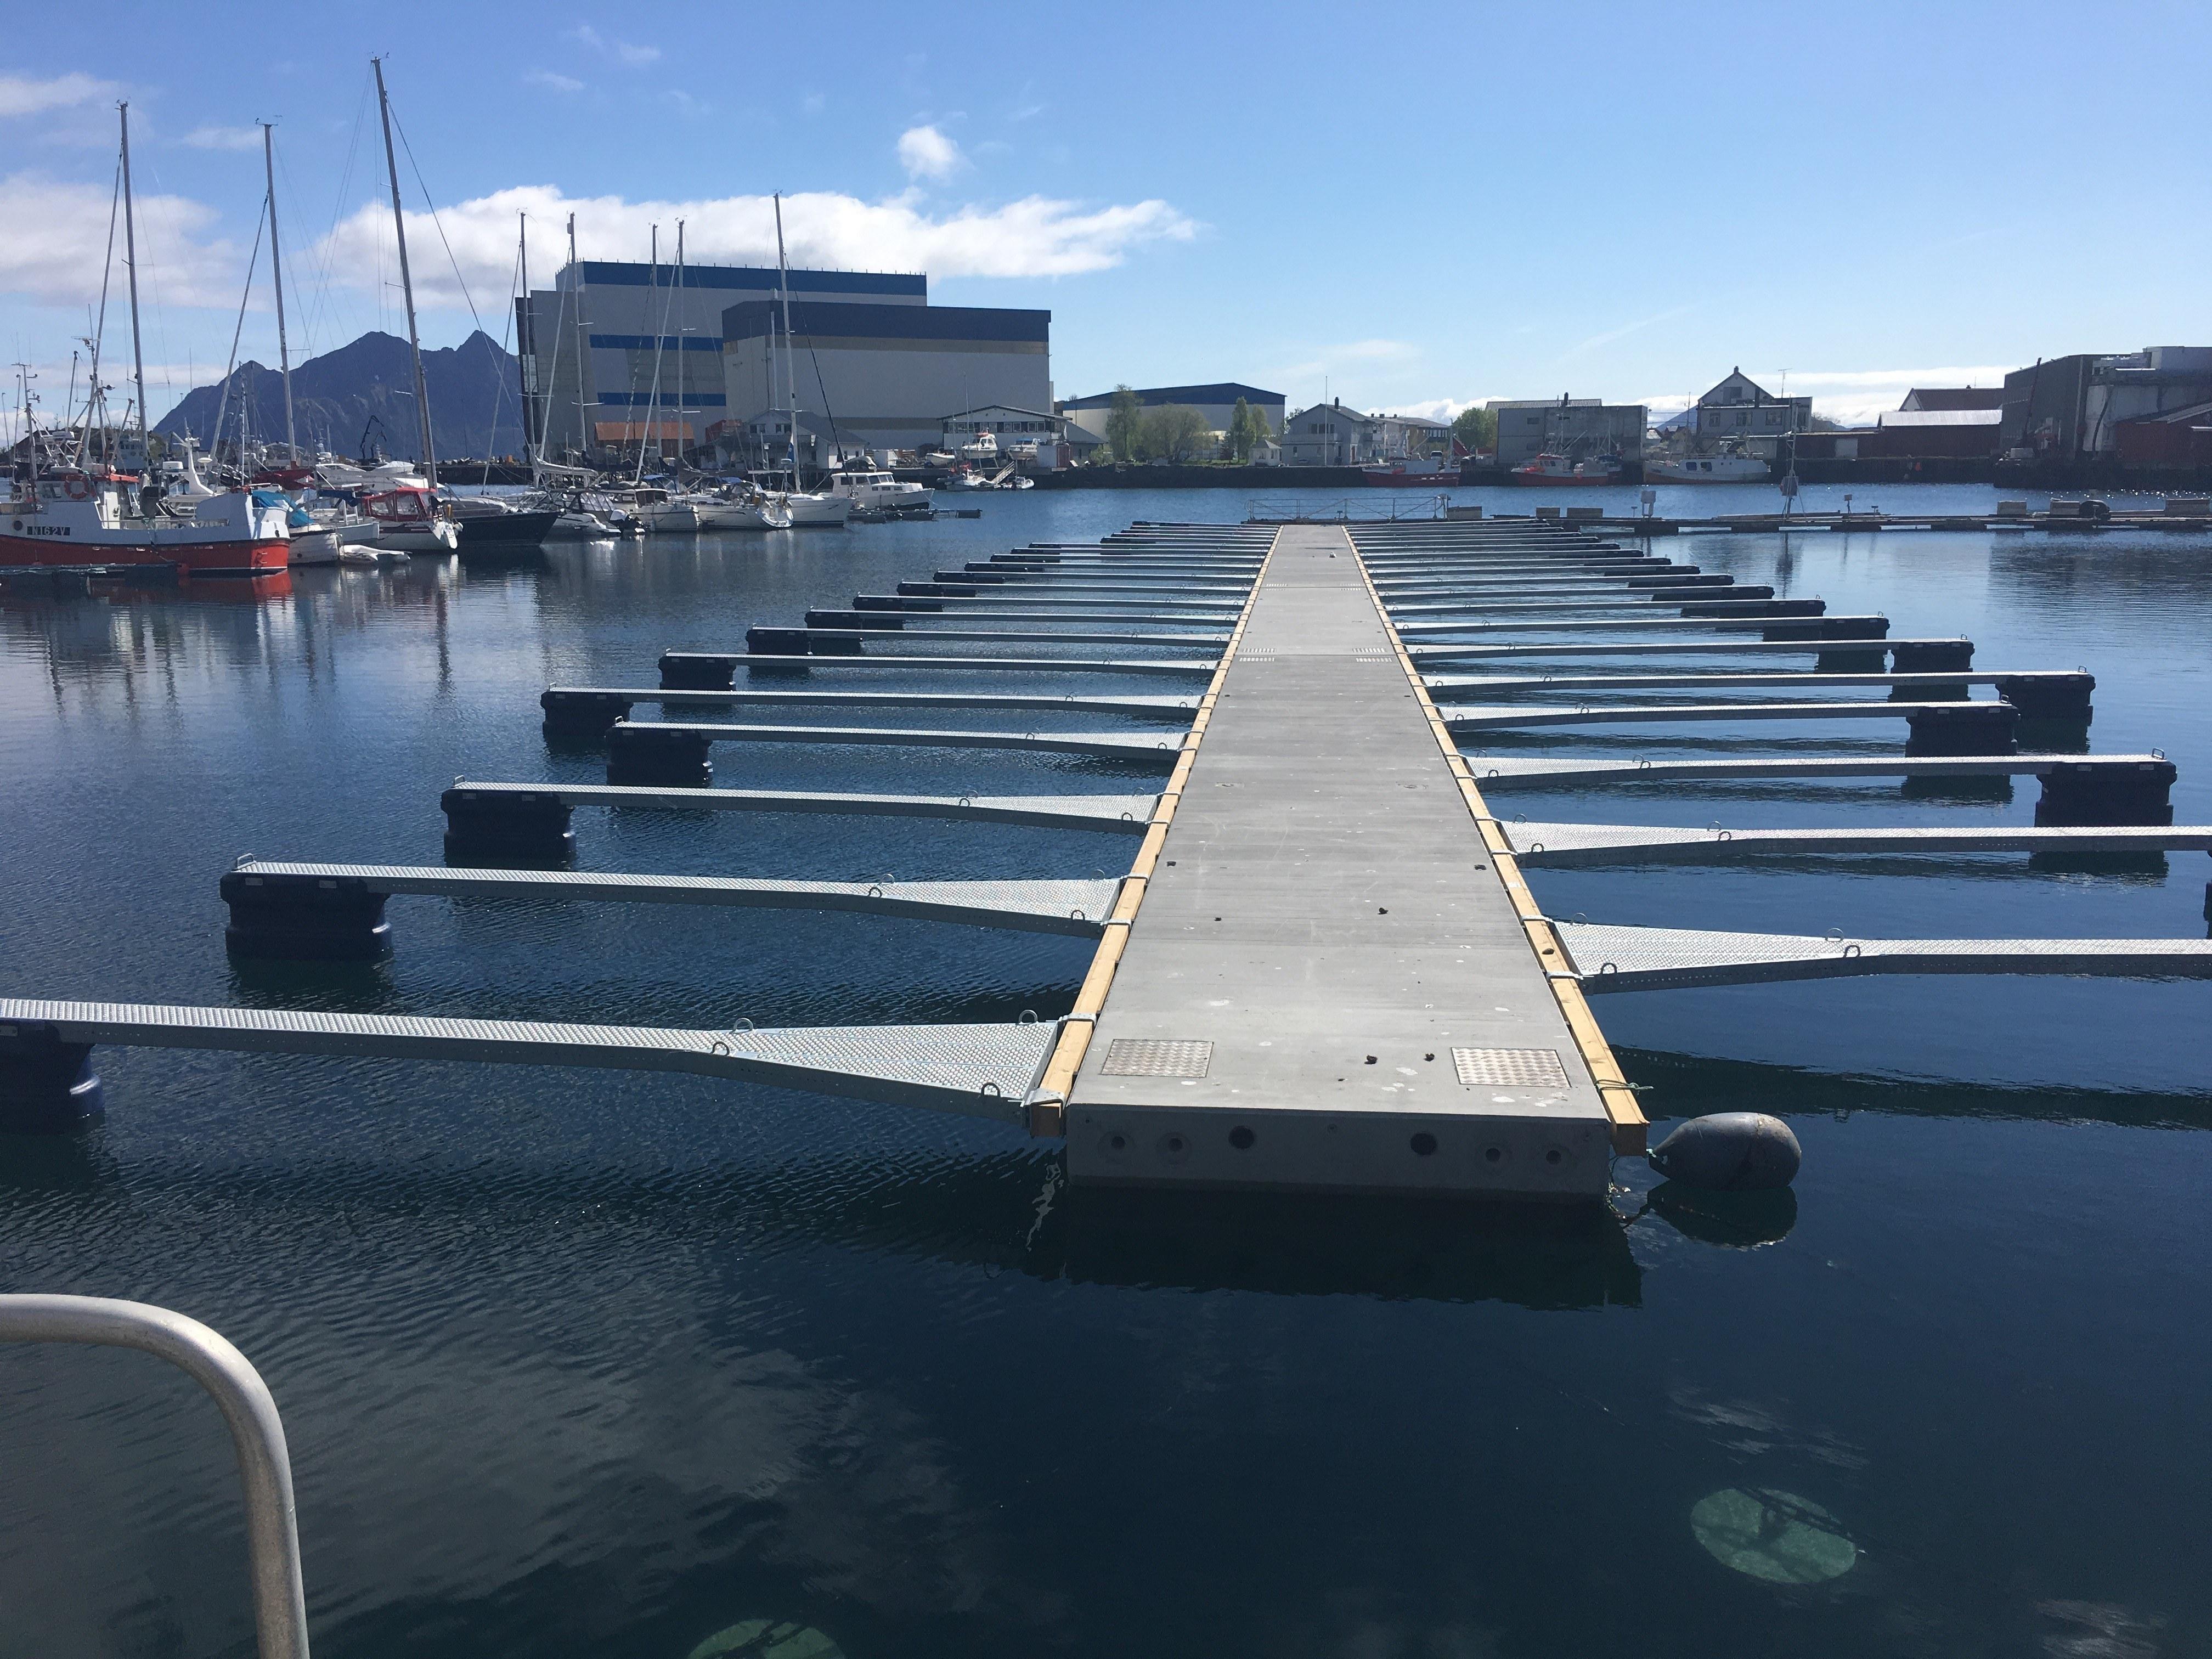 https://www.marinasolutions.no/uploads/vågan-sjø-og-fiske-6.jpg